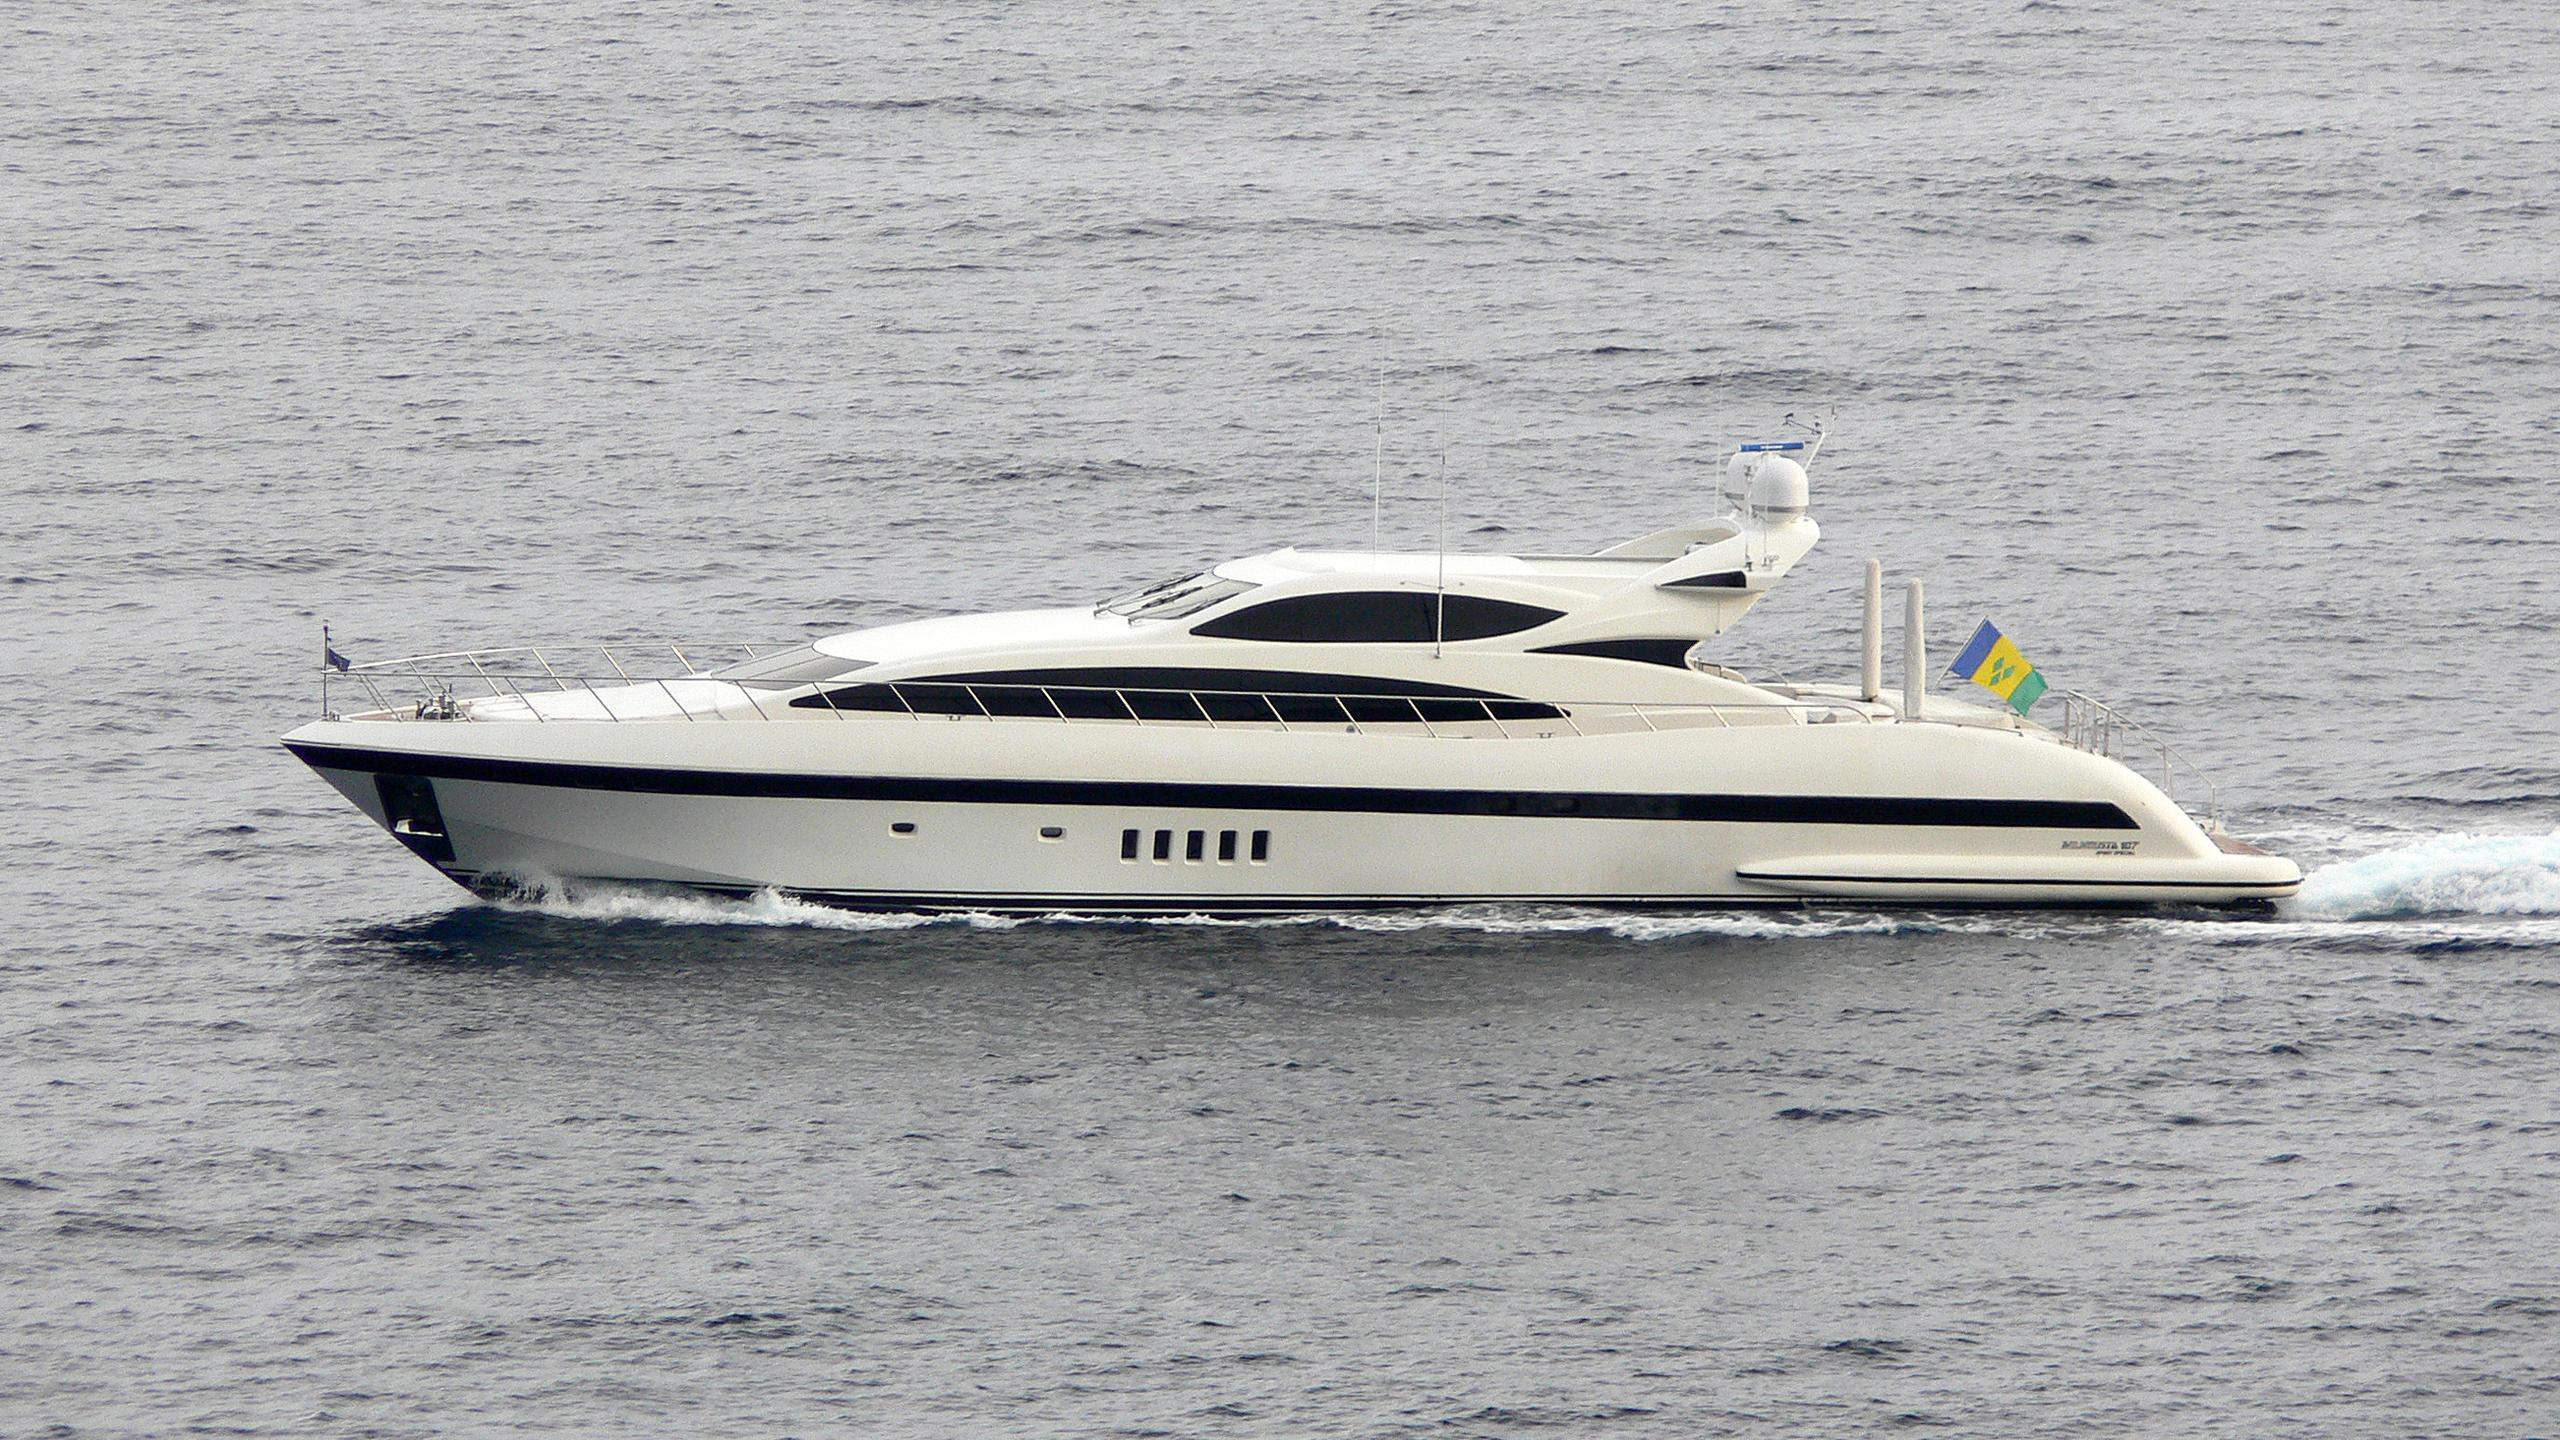 negara-motor-yacht-overmarine-omangusta-107-sport-cruising-profile